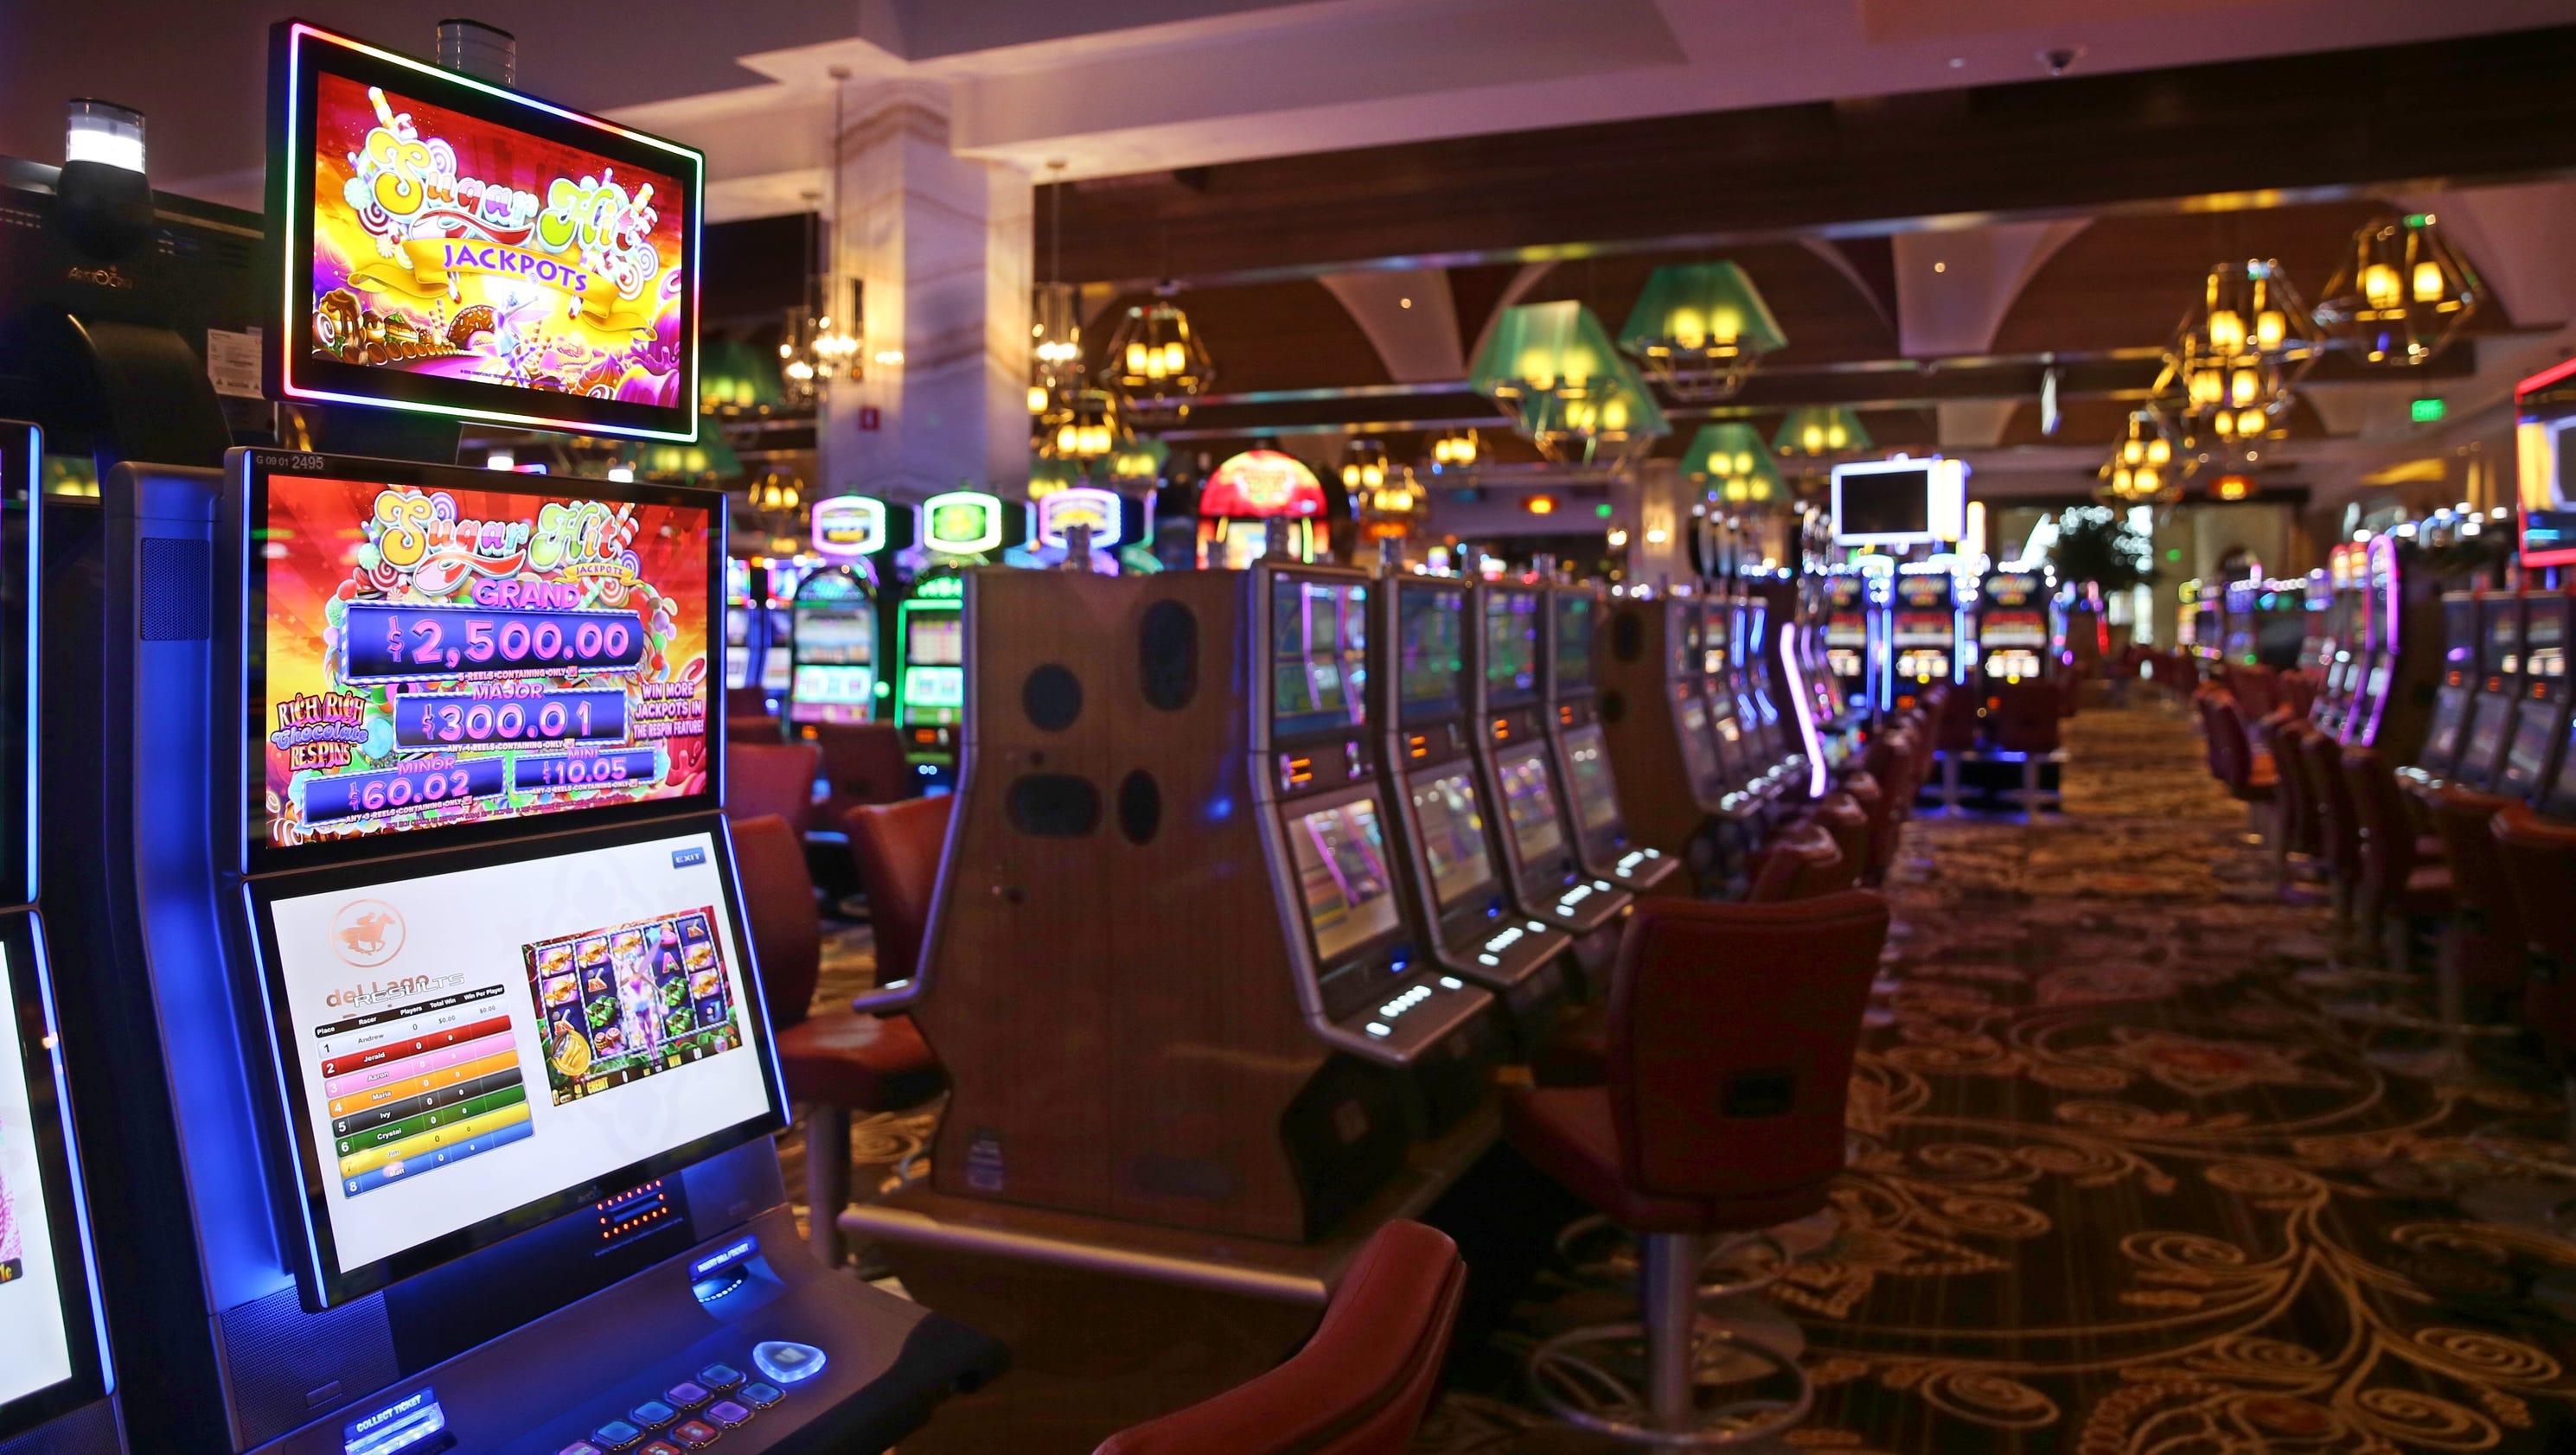 Sky casino online